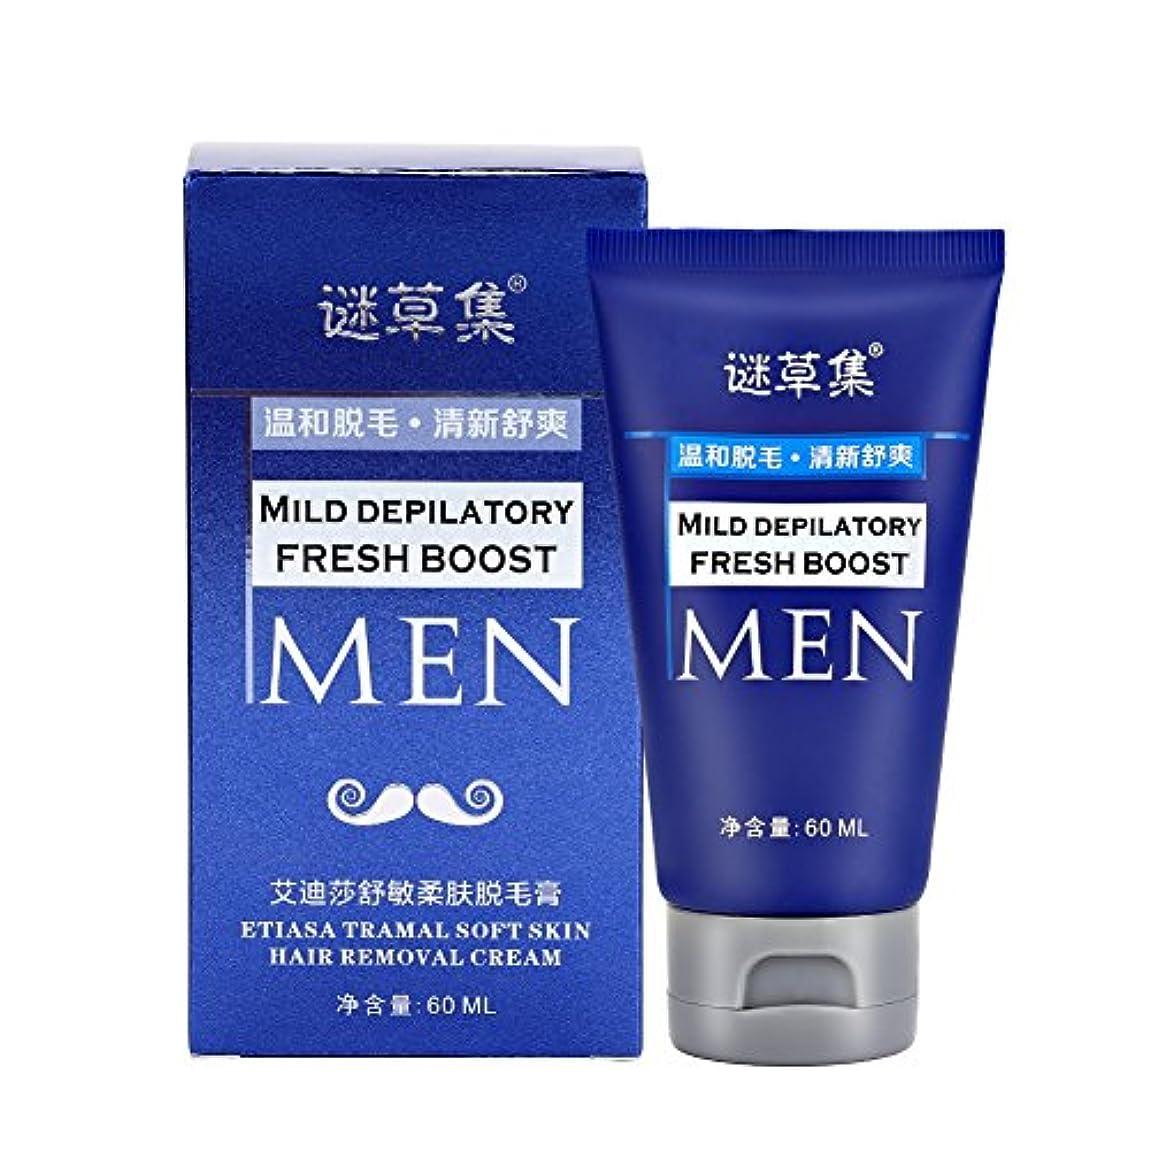 祝福アジア人報告書脱毛クリーム、60ML男性のボディ脱毛腕の脚の髪の痛みを除去する美容クリーム 脱毛クリーム